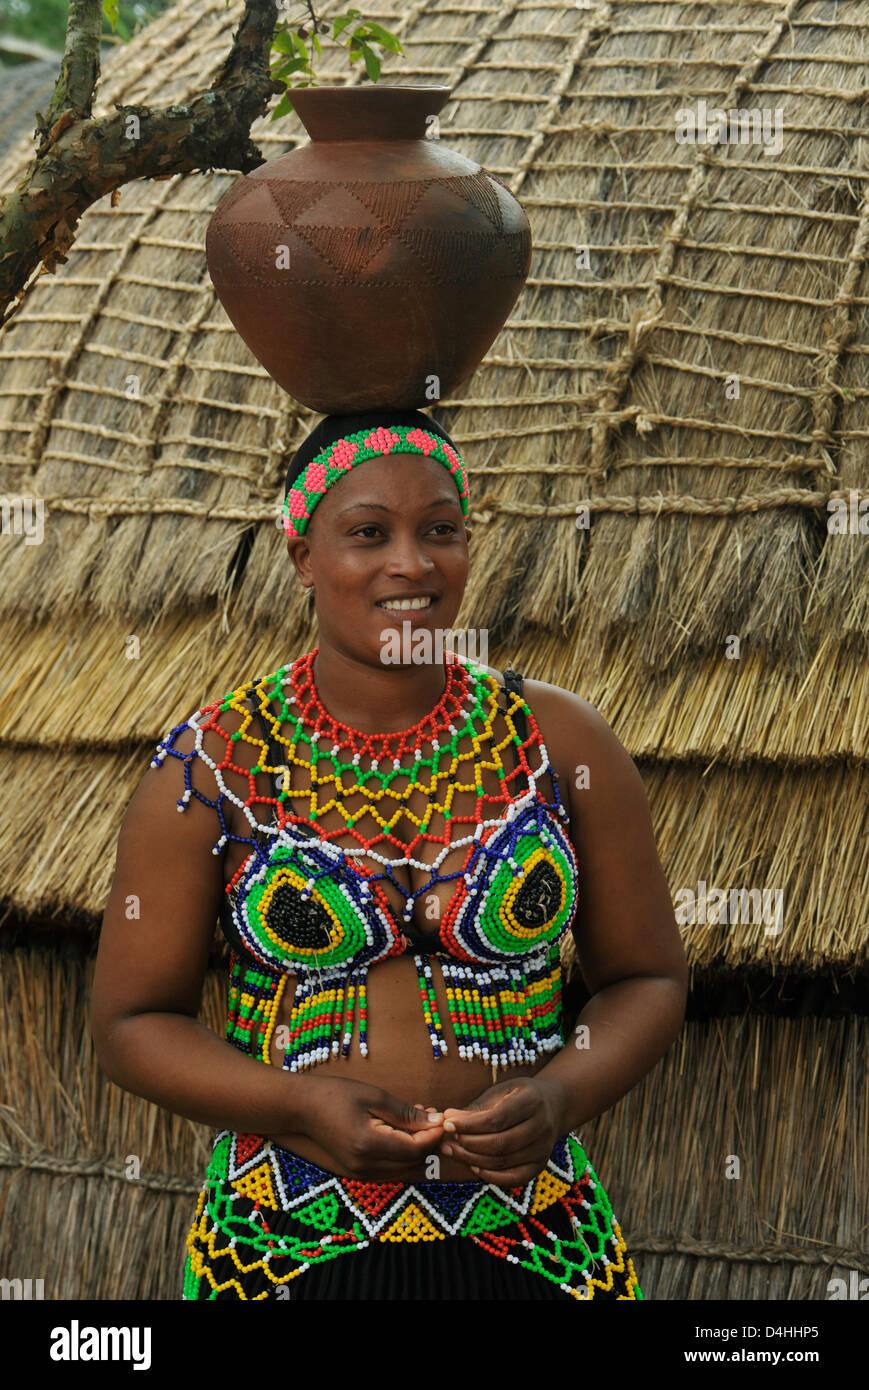 Zulu traditional dress in zulu kraal kwazulu natal - Zulu Maiden In Colourful Traditional Dress With Clay Pot On Head Next To Grass Hut At